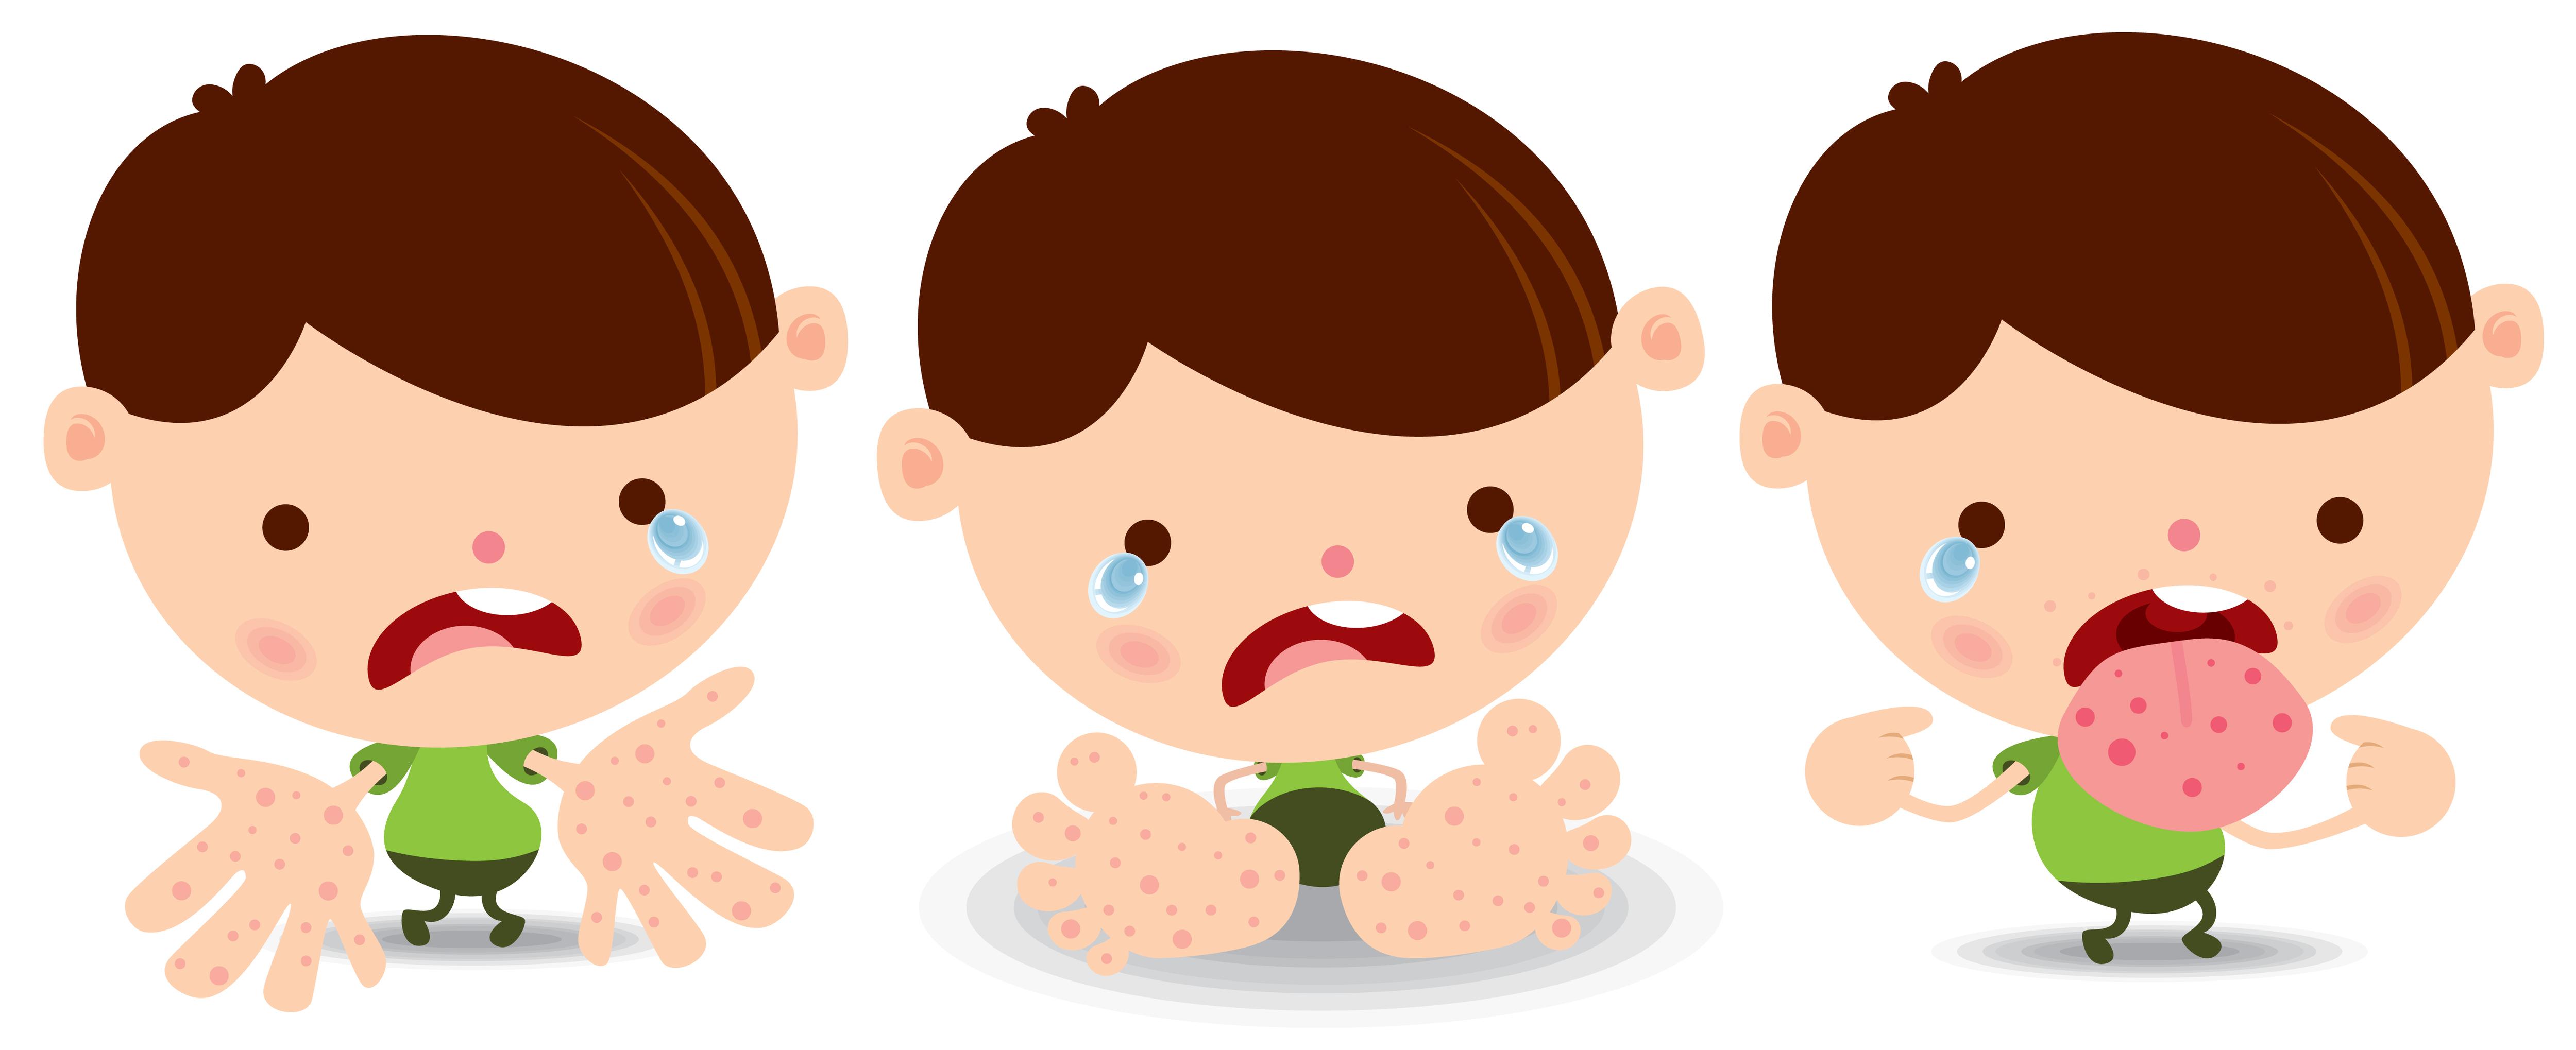 doença mão-pé-boca